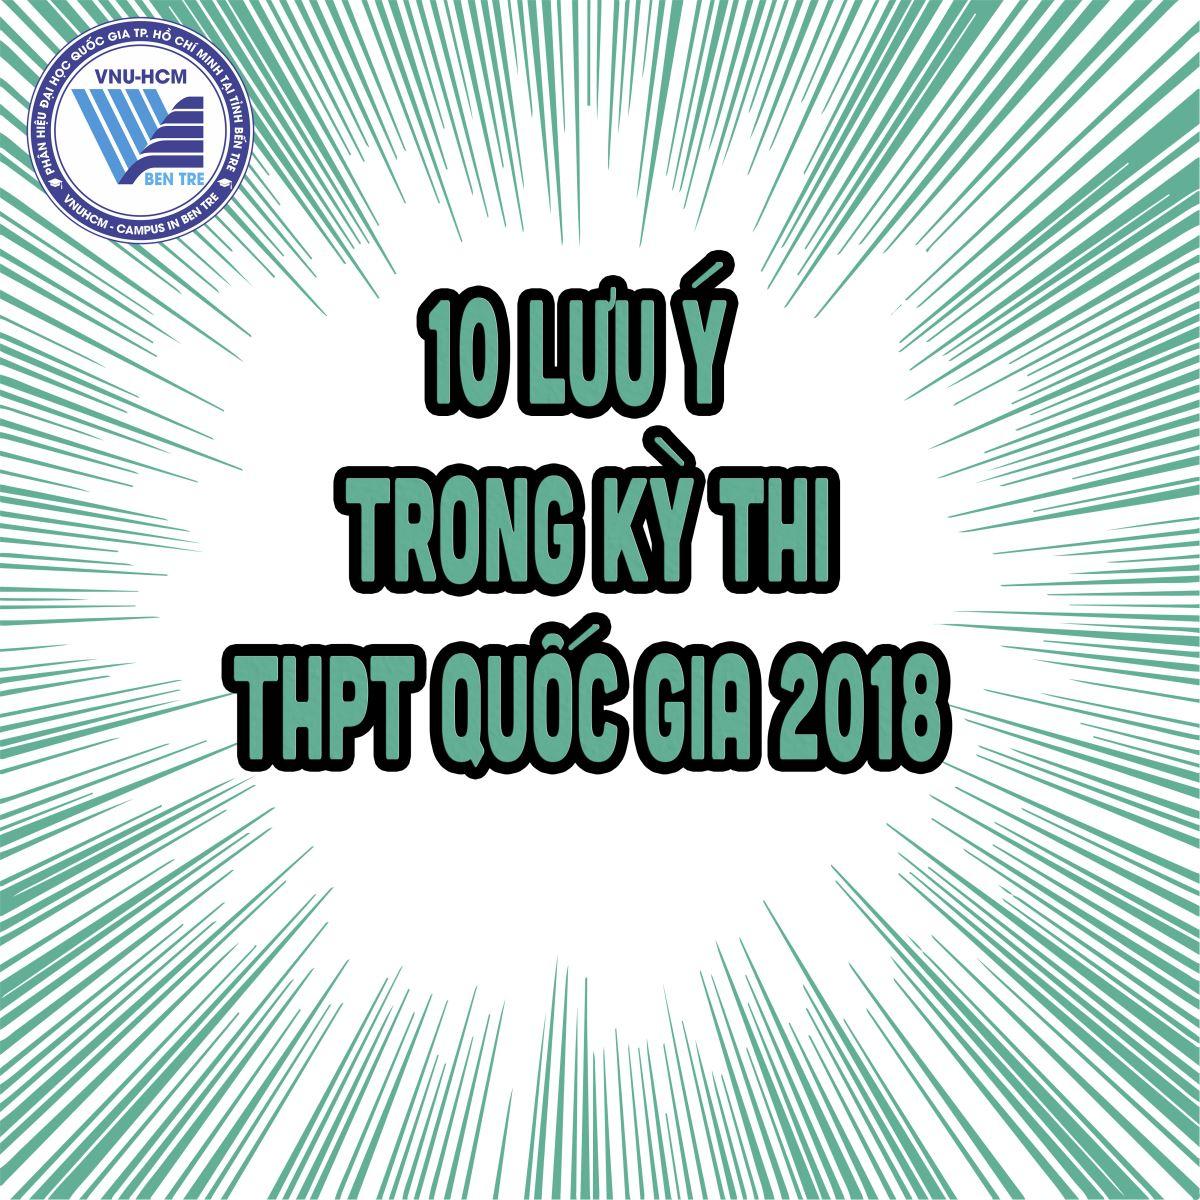 10 lưu ý trong kỳ thi THPT quốc gia 2018